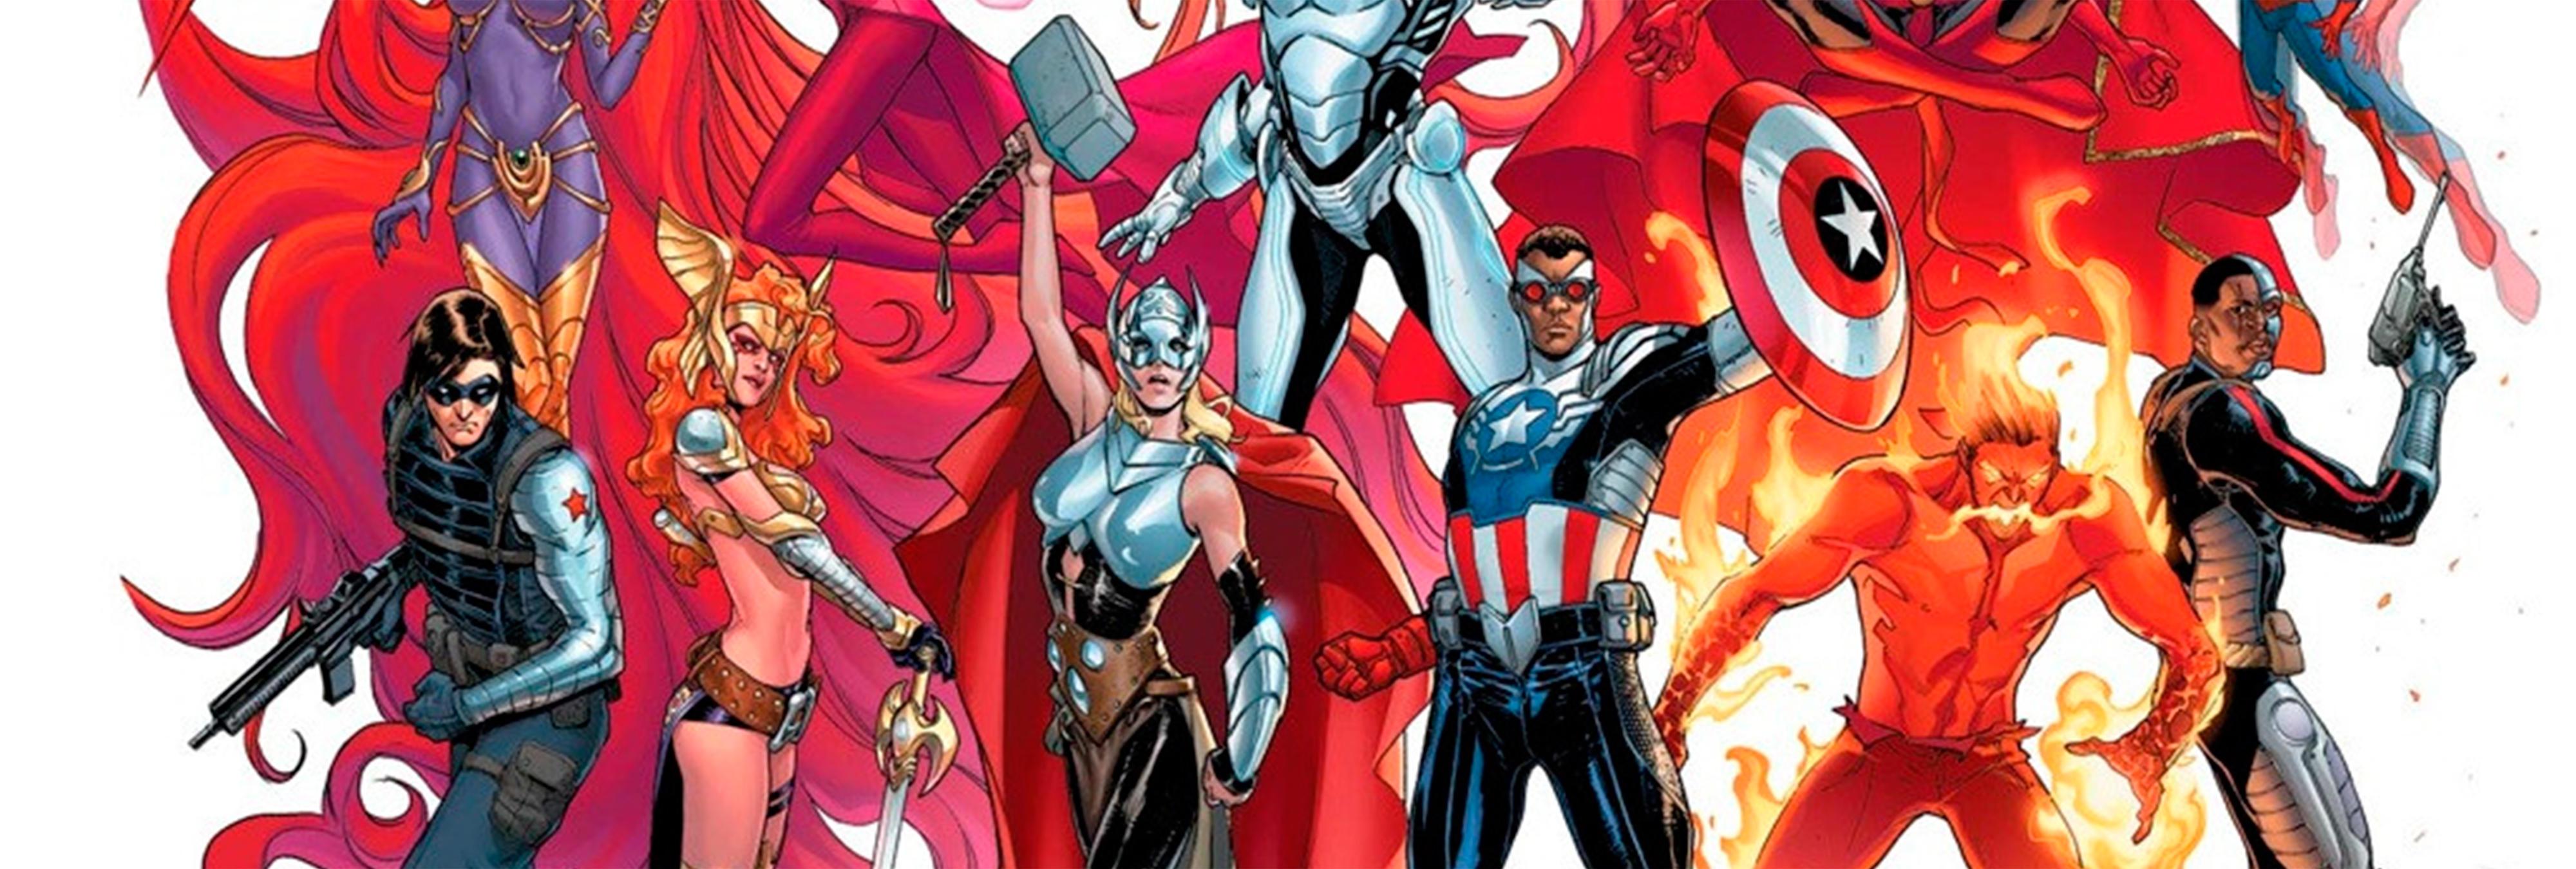 La nueva Iron Woman y otros 7 grandes cambios multiculturales en los cómics de superhéroes